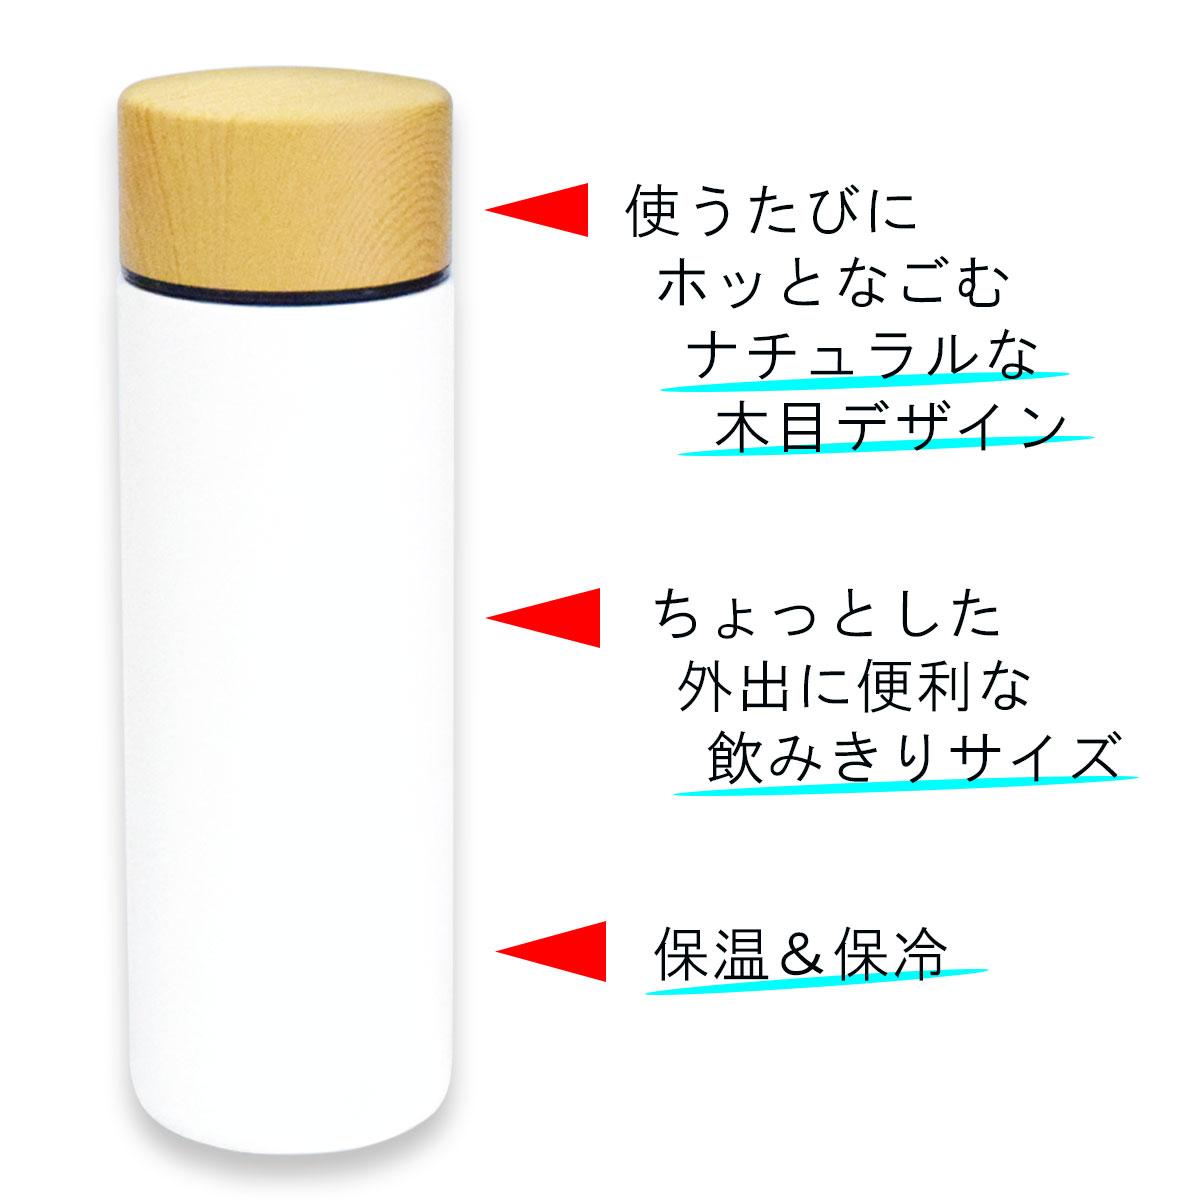 真空二重構造 木目調ステンレスボトル 130ml